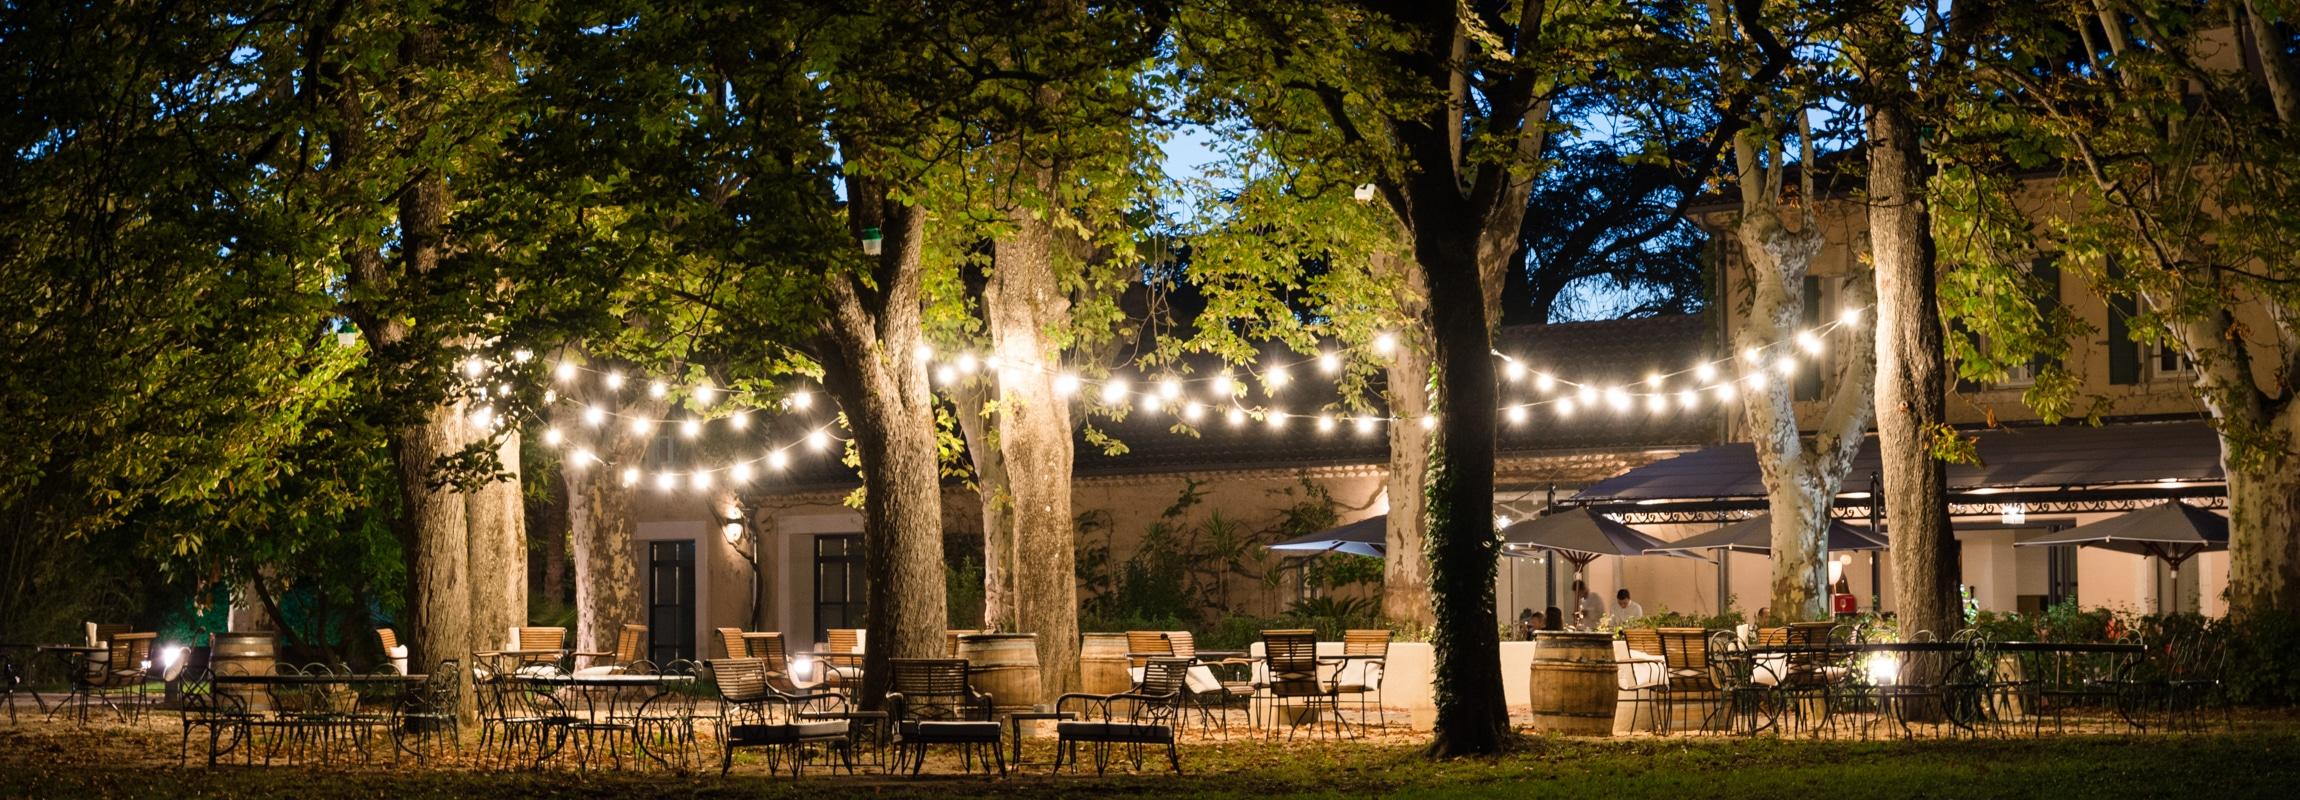 Unser Park bietet viele Möglichkeiten, Ihren Anlass in Szene zu setzen - beispielsweise unter den mächtigen Kastanienbäumen.